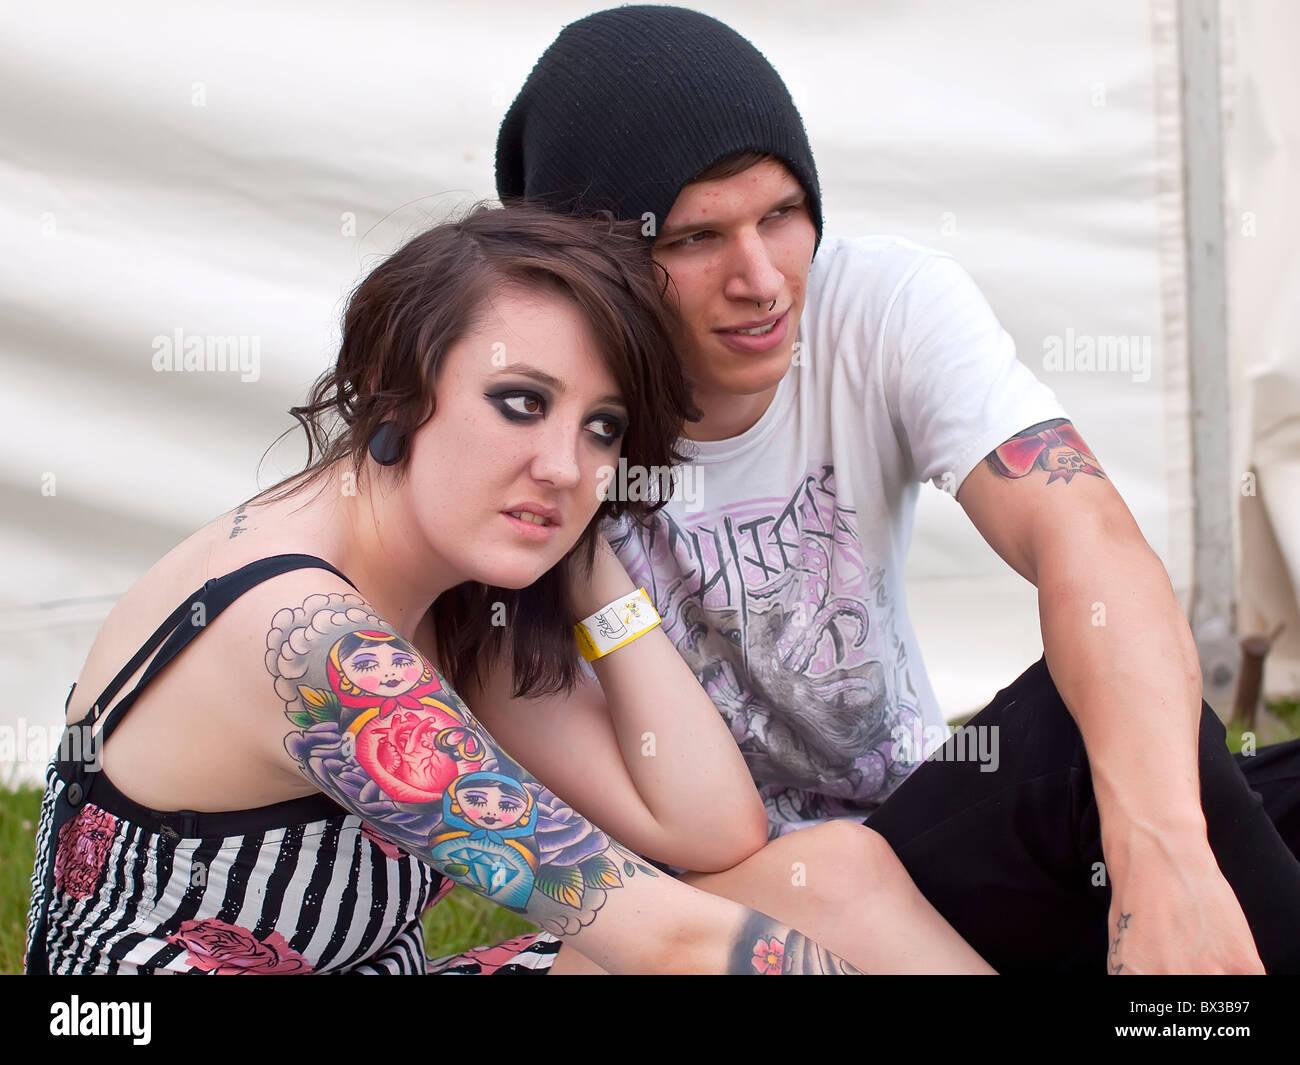 Lucy una moda joven mujer adulta de 19 años con tatuajes con muchacho amigo Blair (personas reales) en el festival Foto de stock